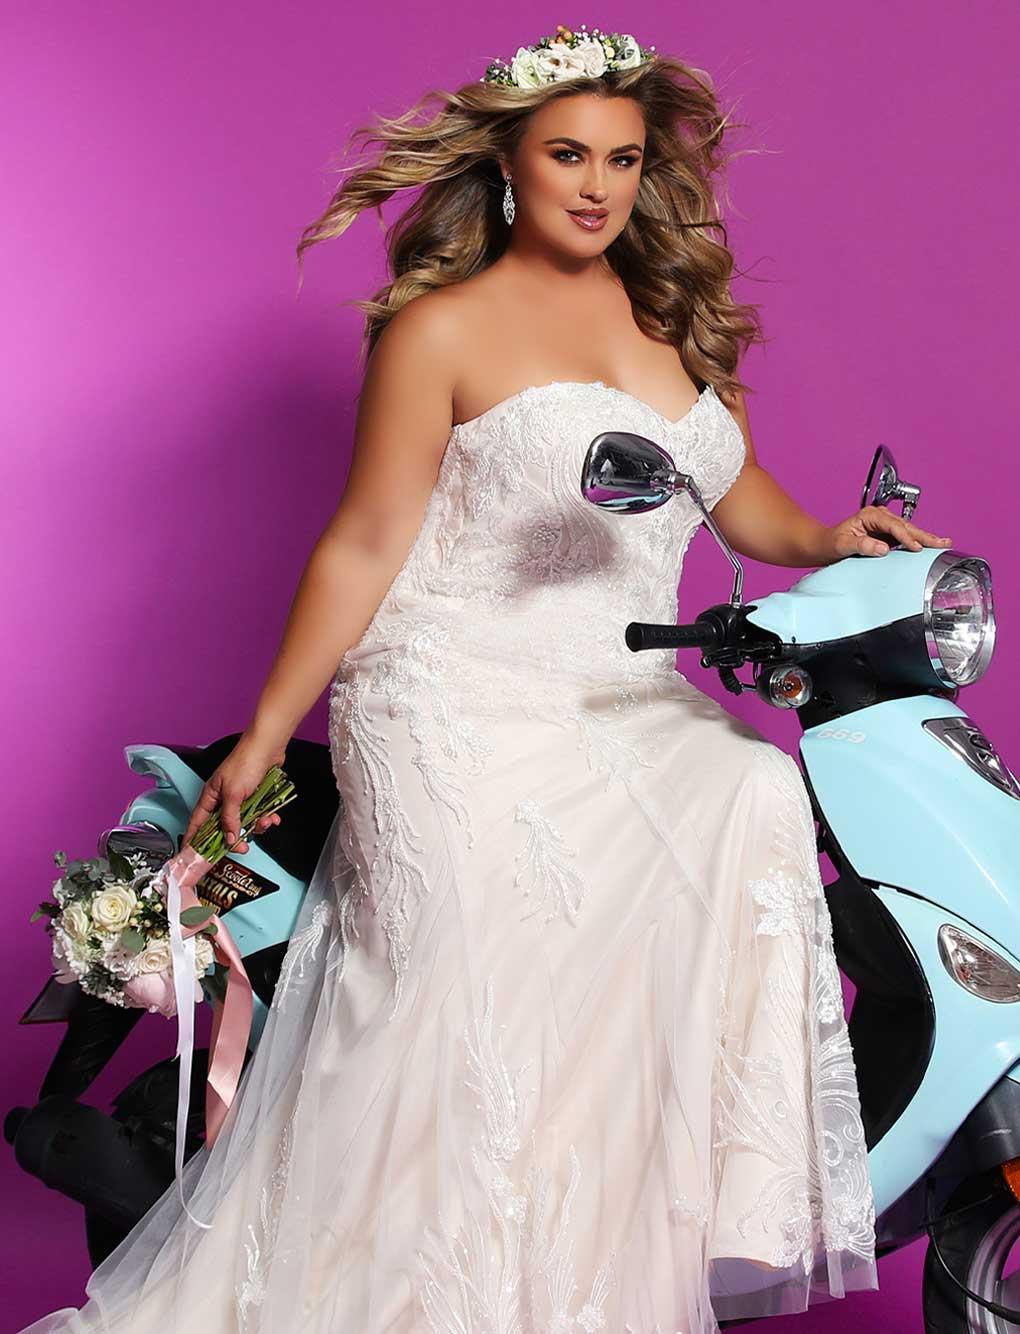 Frau mit Kurven auf Roller trägt ein enges Kleid aus Spitze